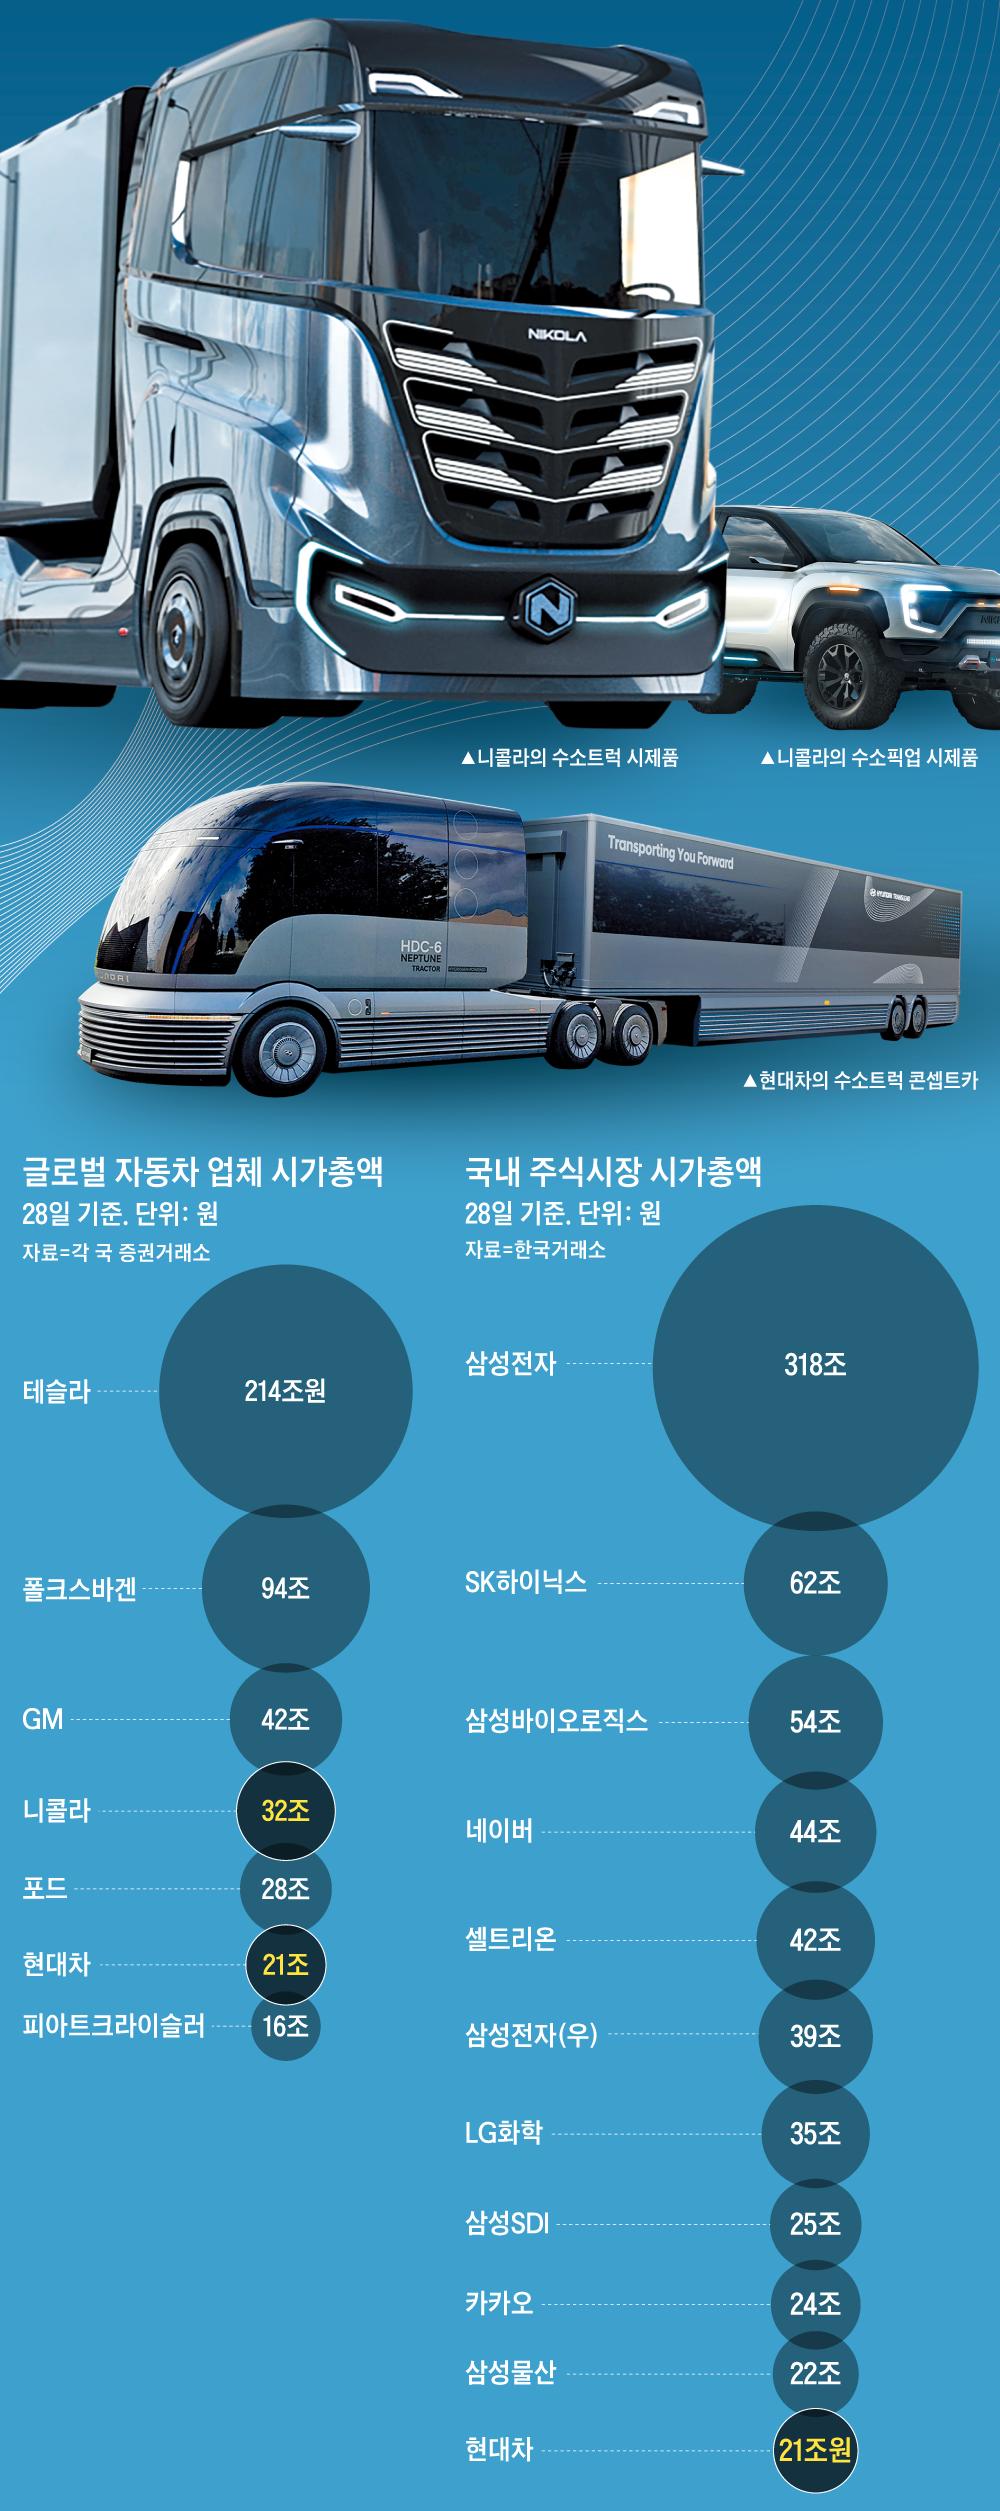 글로벌 자동차 업체 시가총액 그래프